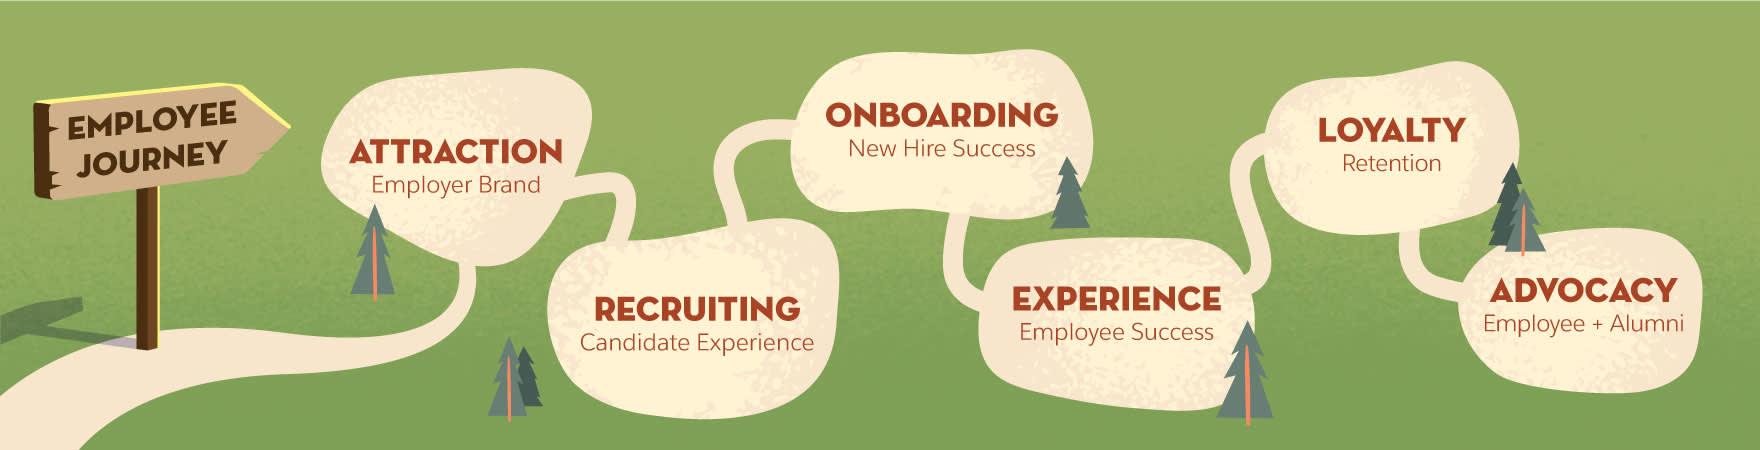 従業員ジャーニーの各フェーズ (誘致、採用、新人研修、体験、ロイヤルティ、支持) を示すグラフィック